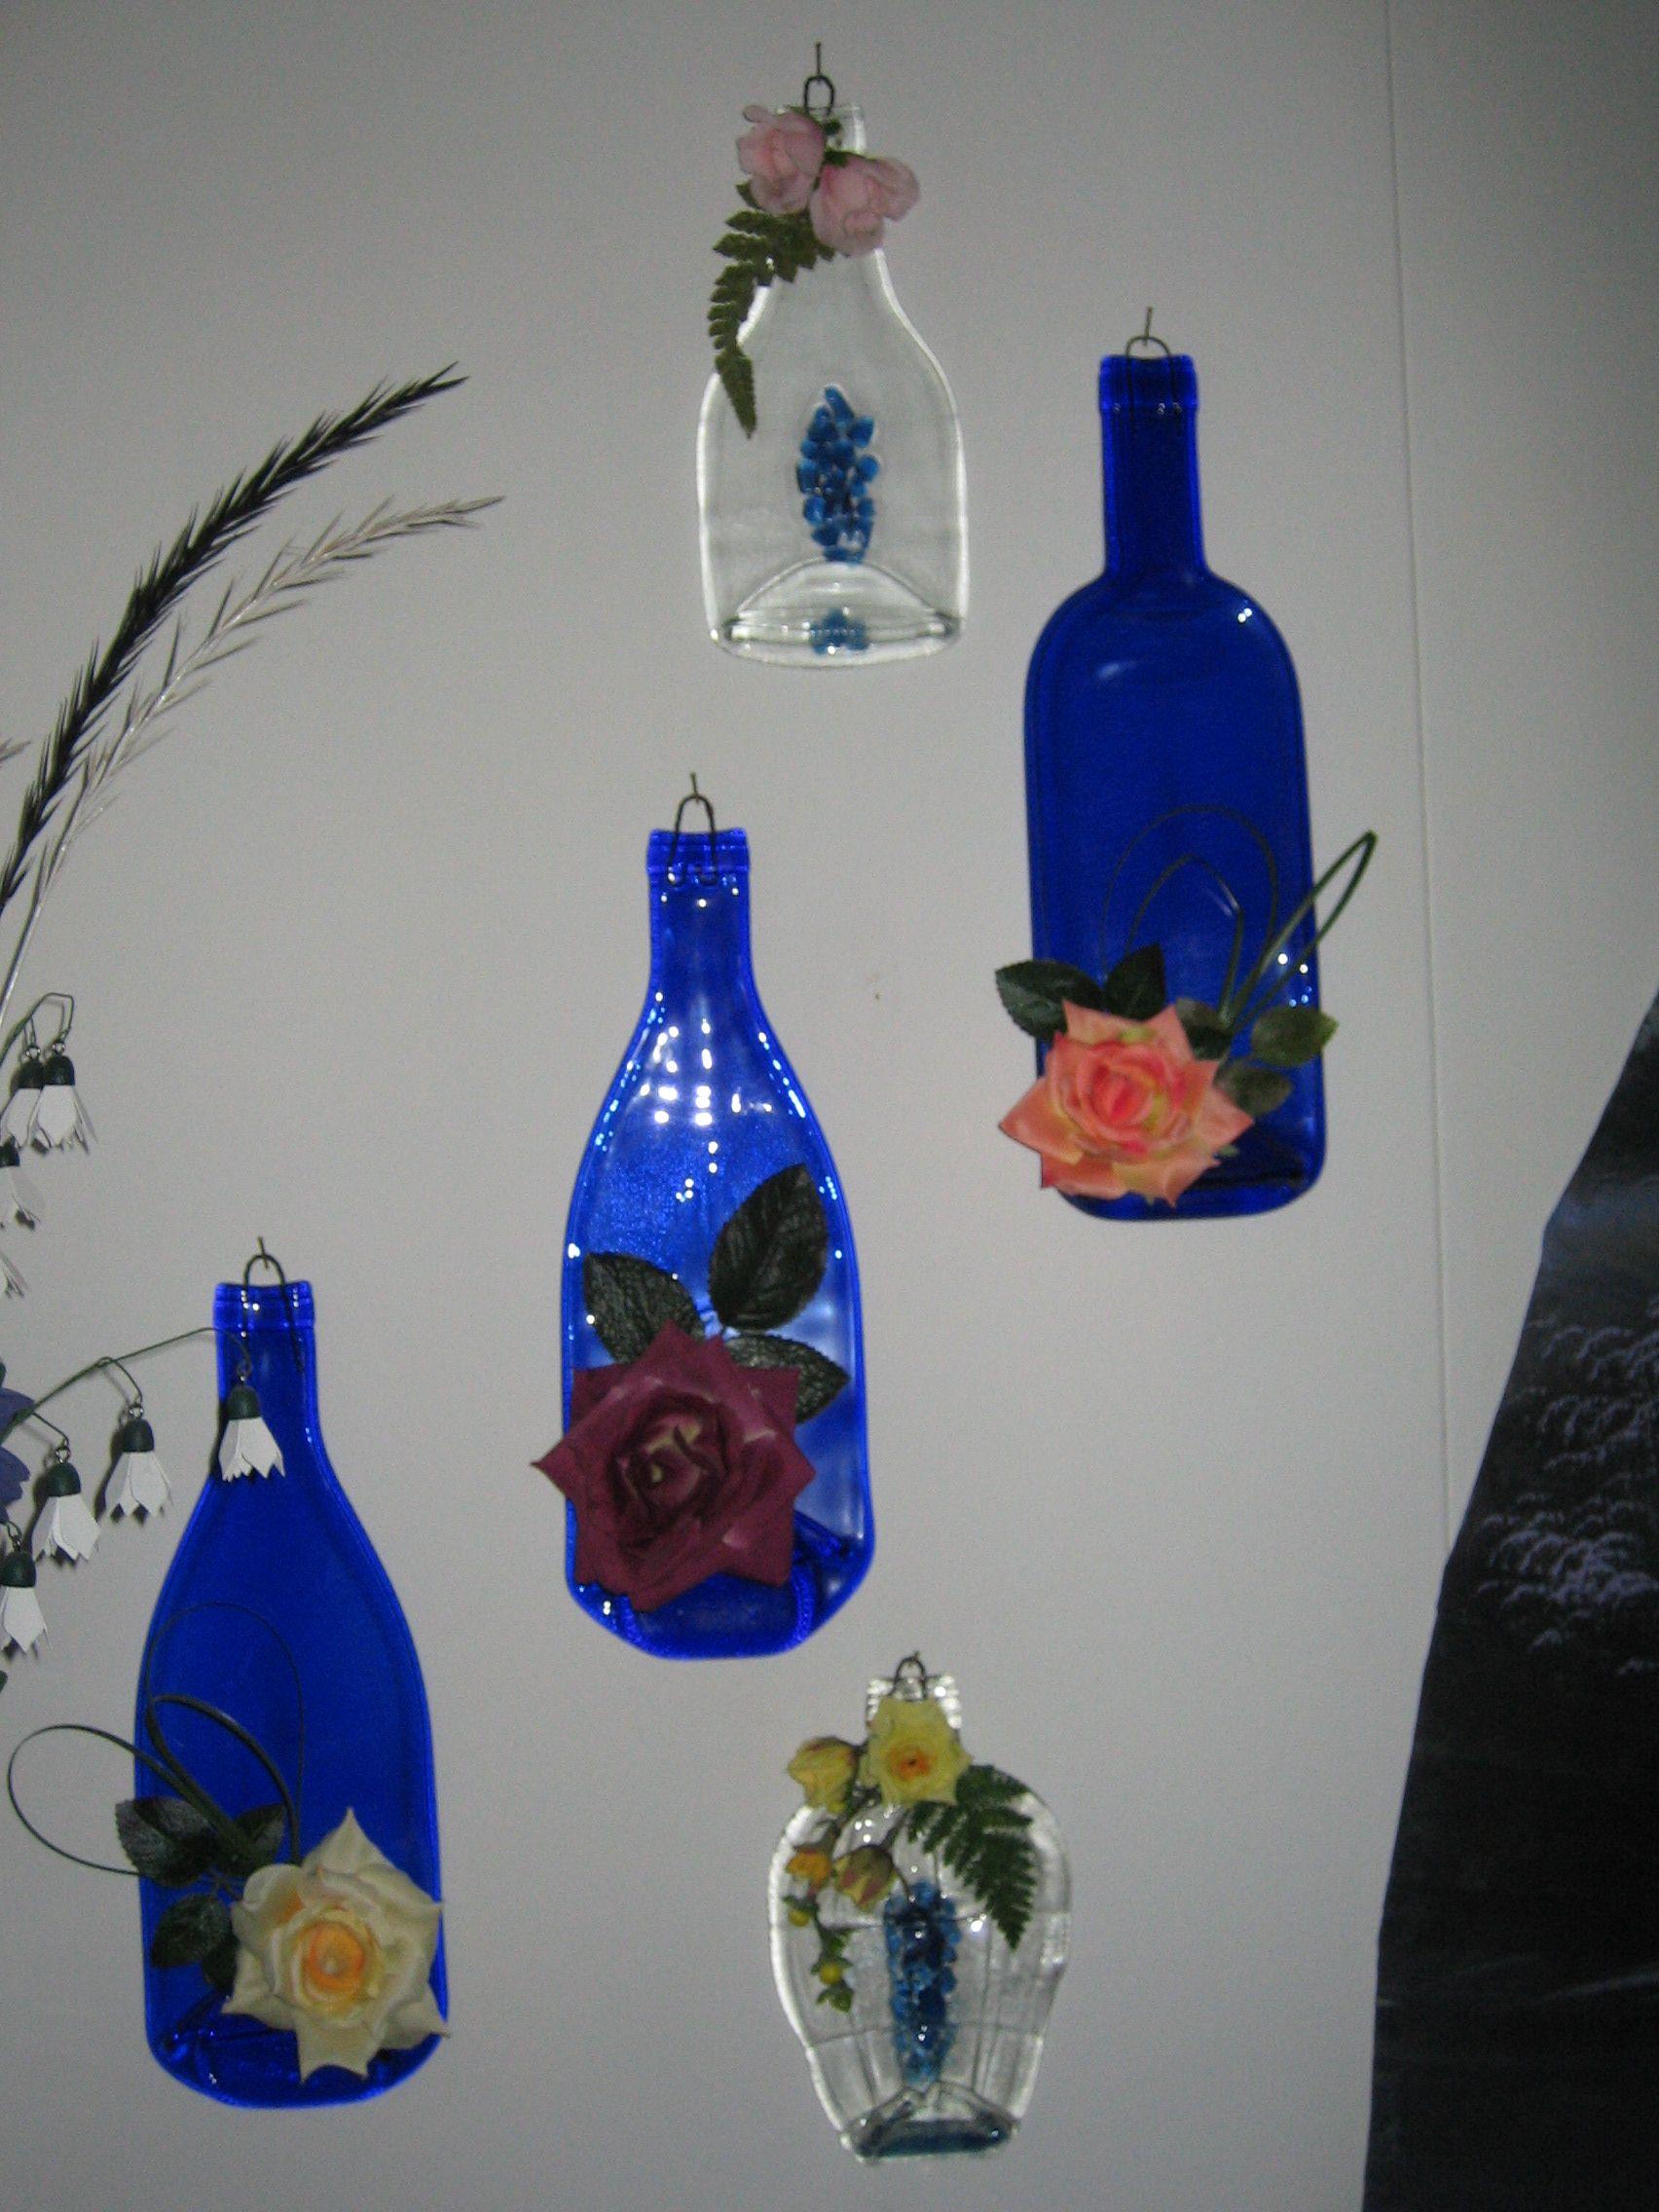 Lasipulloja sulatettu posliininpolttouunissa ja koristeltu keinokukkasin